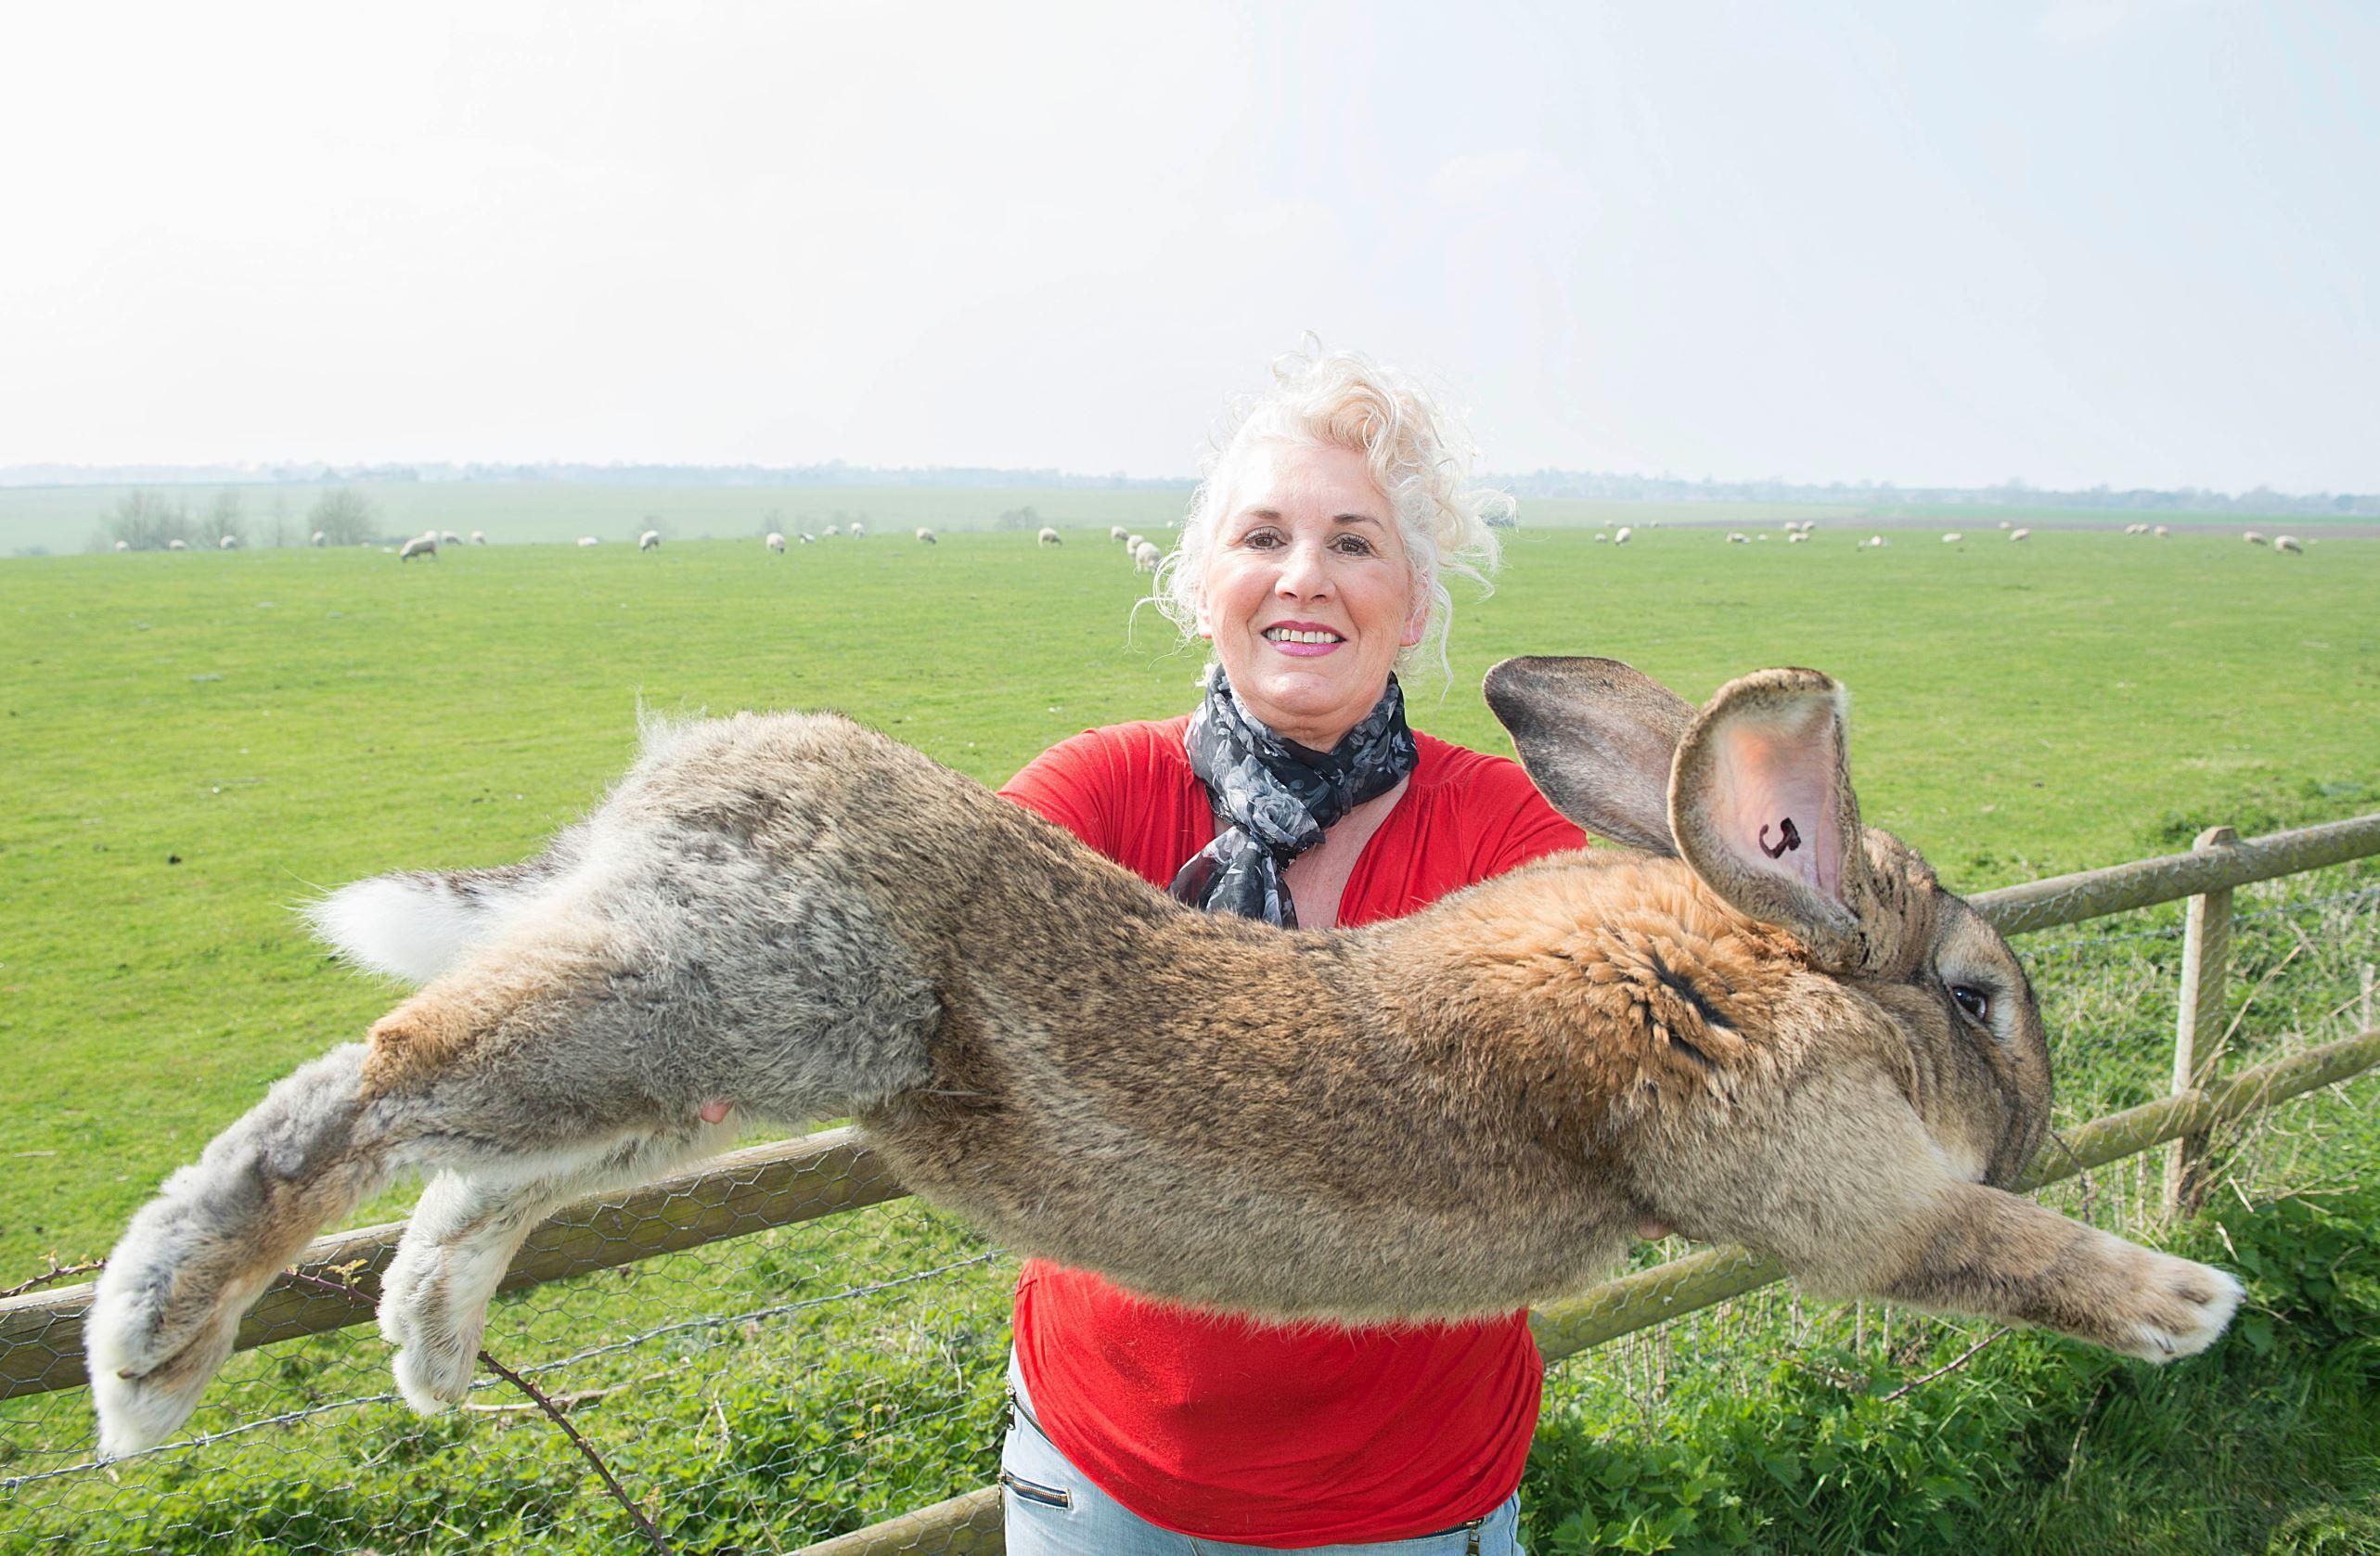 фото самого большого кроля породы